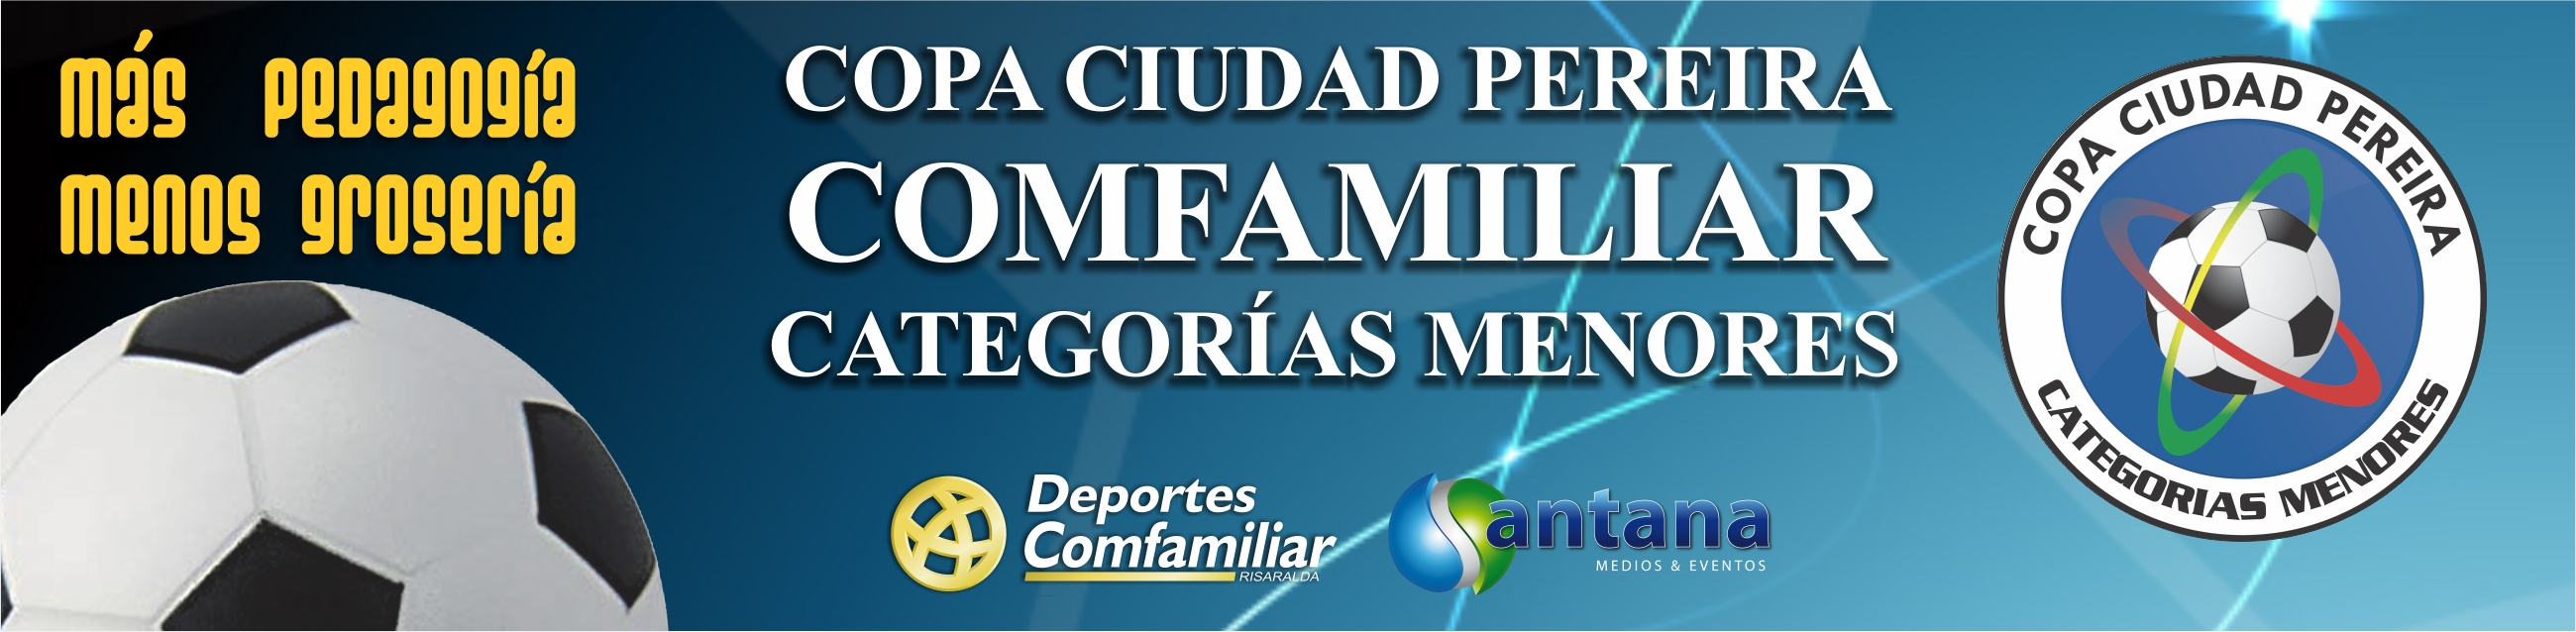 COPA CIUDAD PEREIRA CABEZOTE WEB